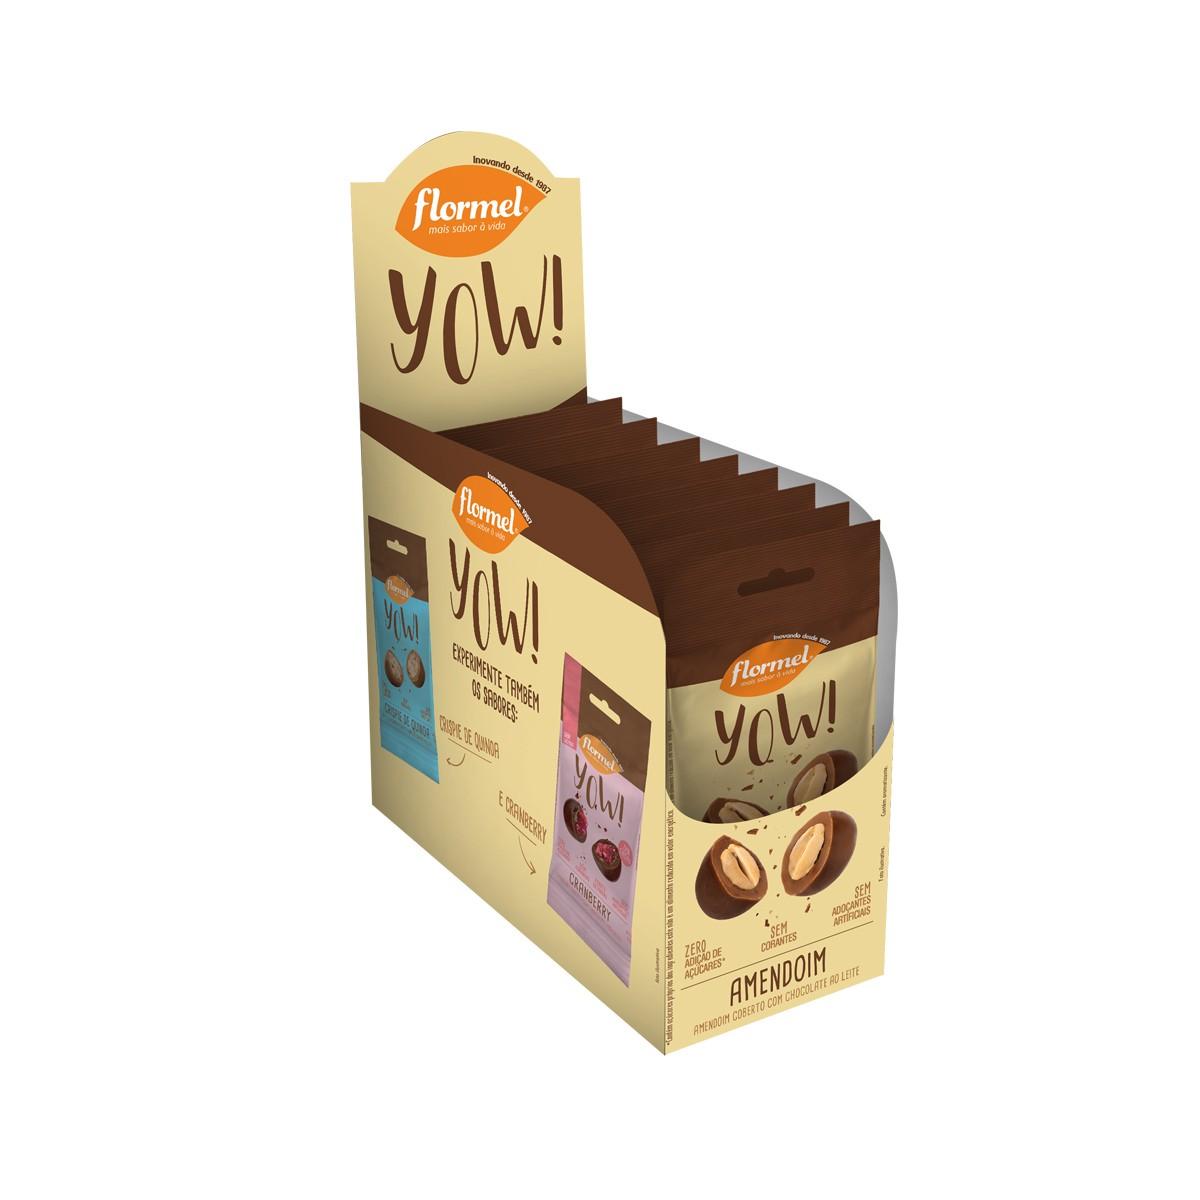 Yow de Amendoim Display com 8 un. de 40g - Flormel